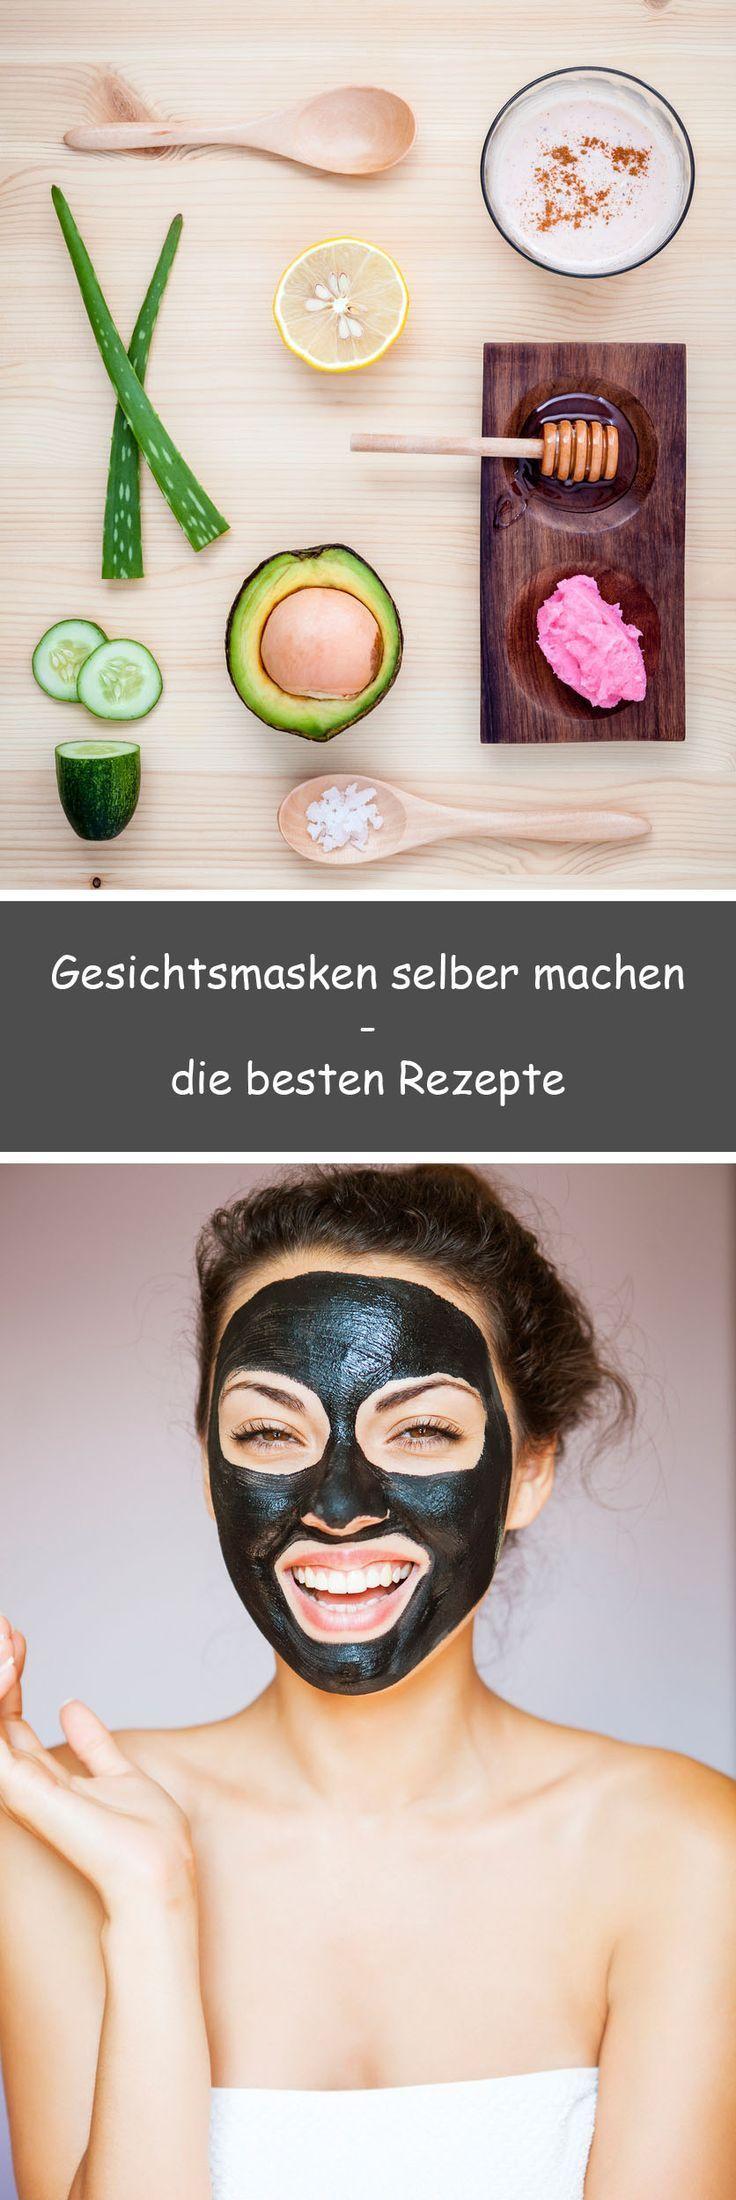 Pickel, trockene Haut, Falten: Wir haben Gesichtsmaskenrezepte für jeden Hauttyp und Anspruch. Die Zutaten für die ein oder andere Maske finden Sie mit Sicherheit in Ihrer Küche. Viel Spaß!  #gesichtsmasken #selbermachen #diy #rezepte #gesundehaut #pickel